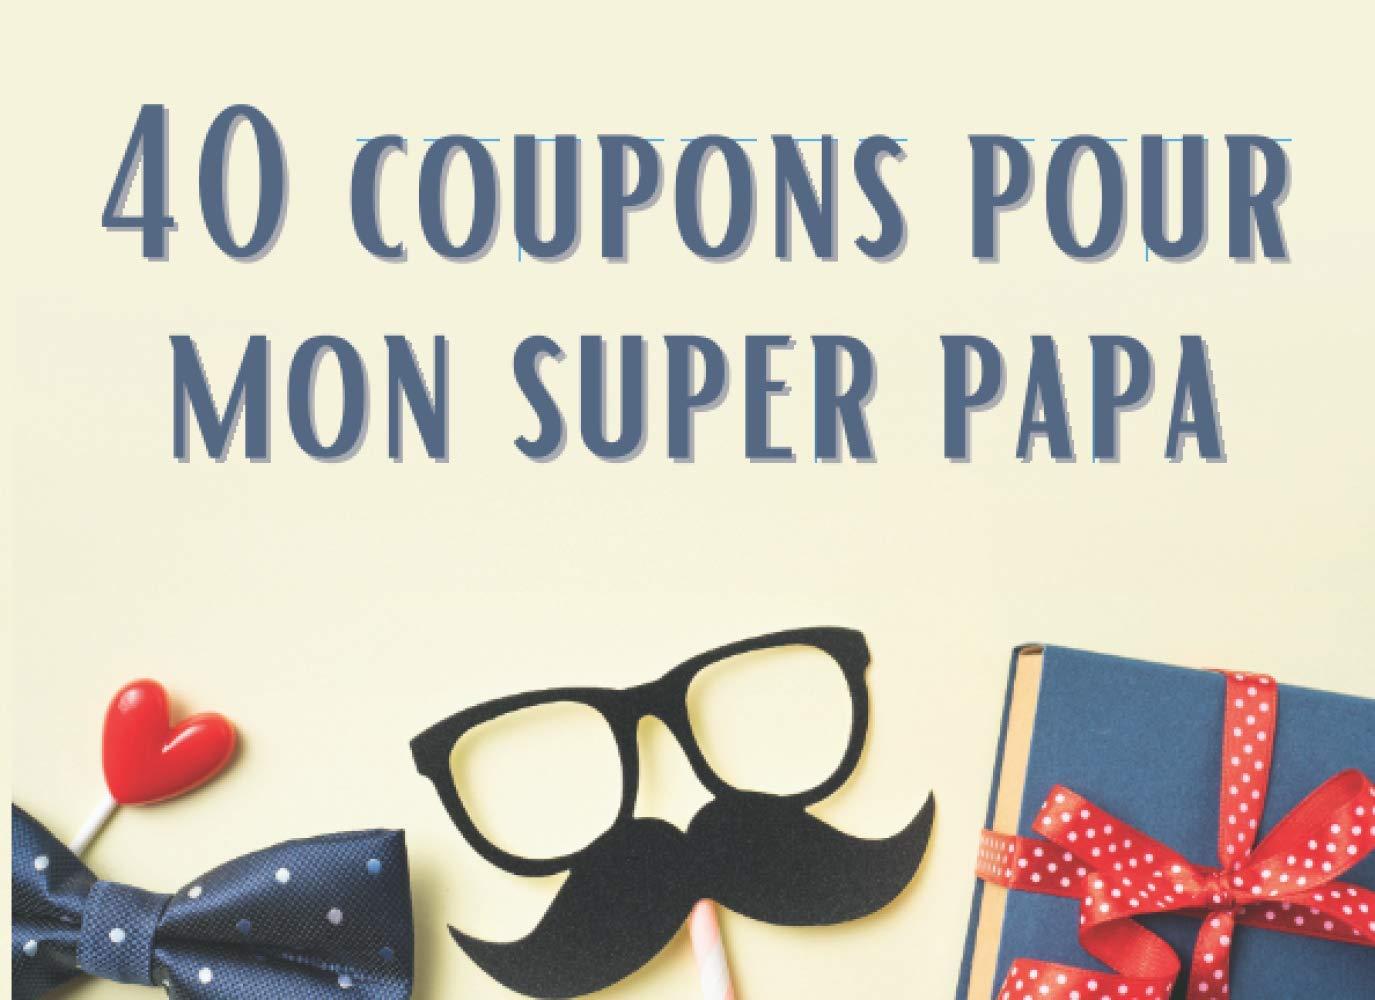 40 coupons pour mon super papa: Carde bons à compléter pour la